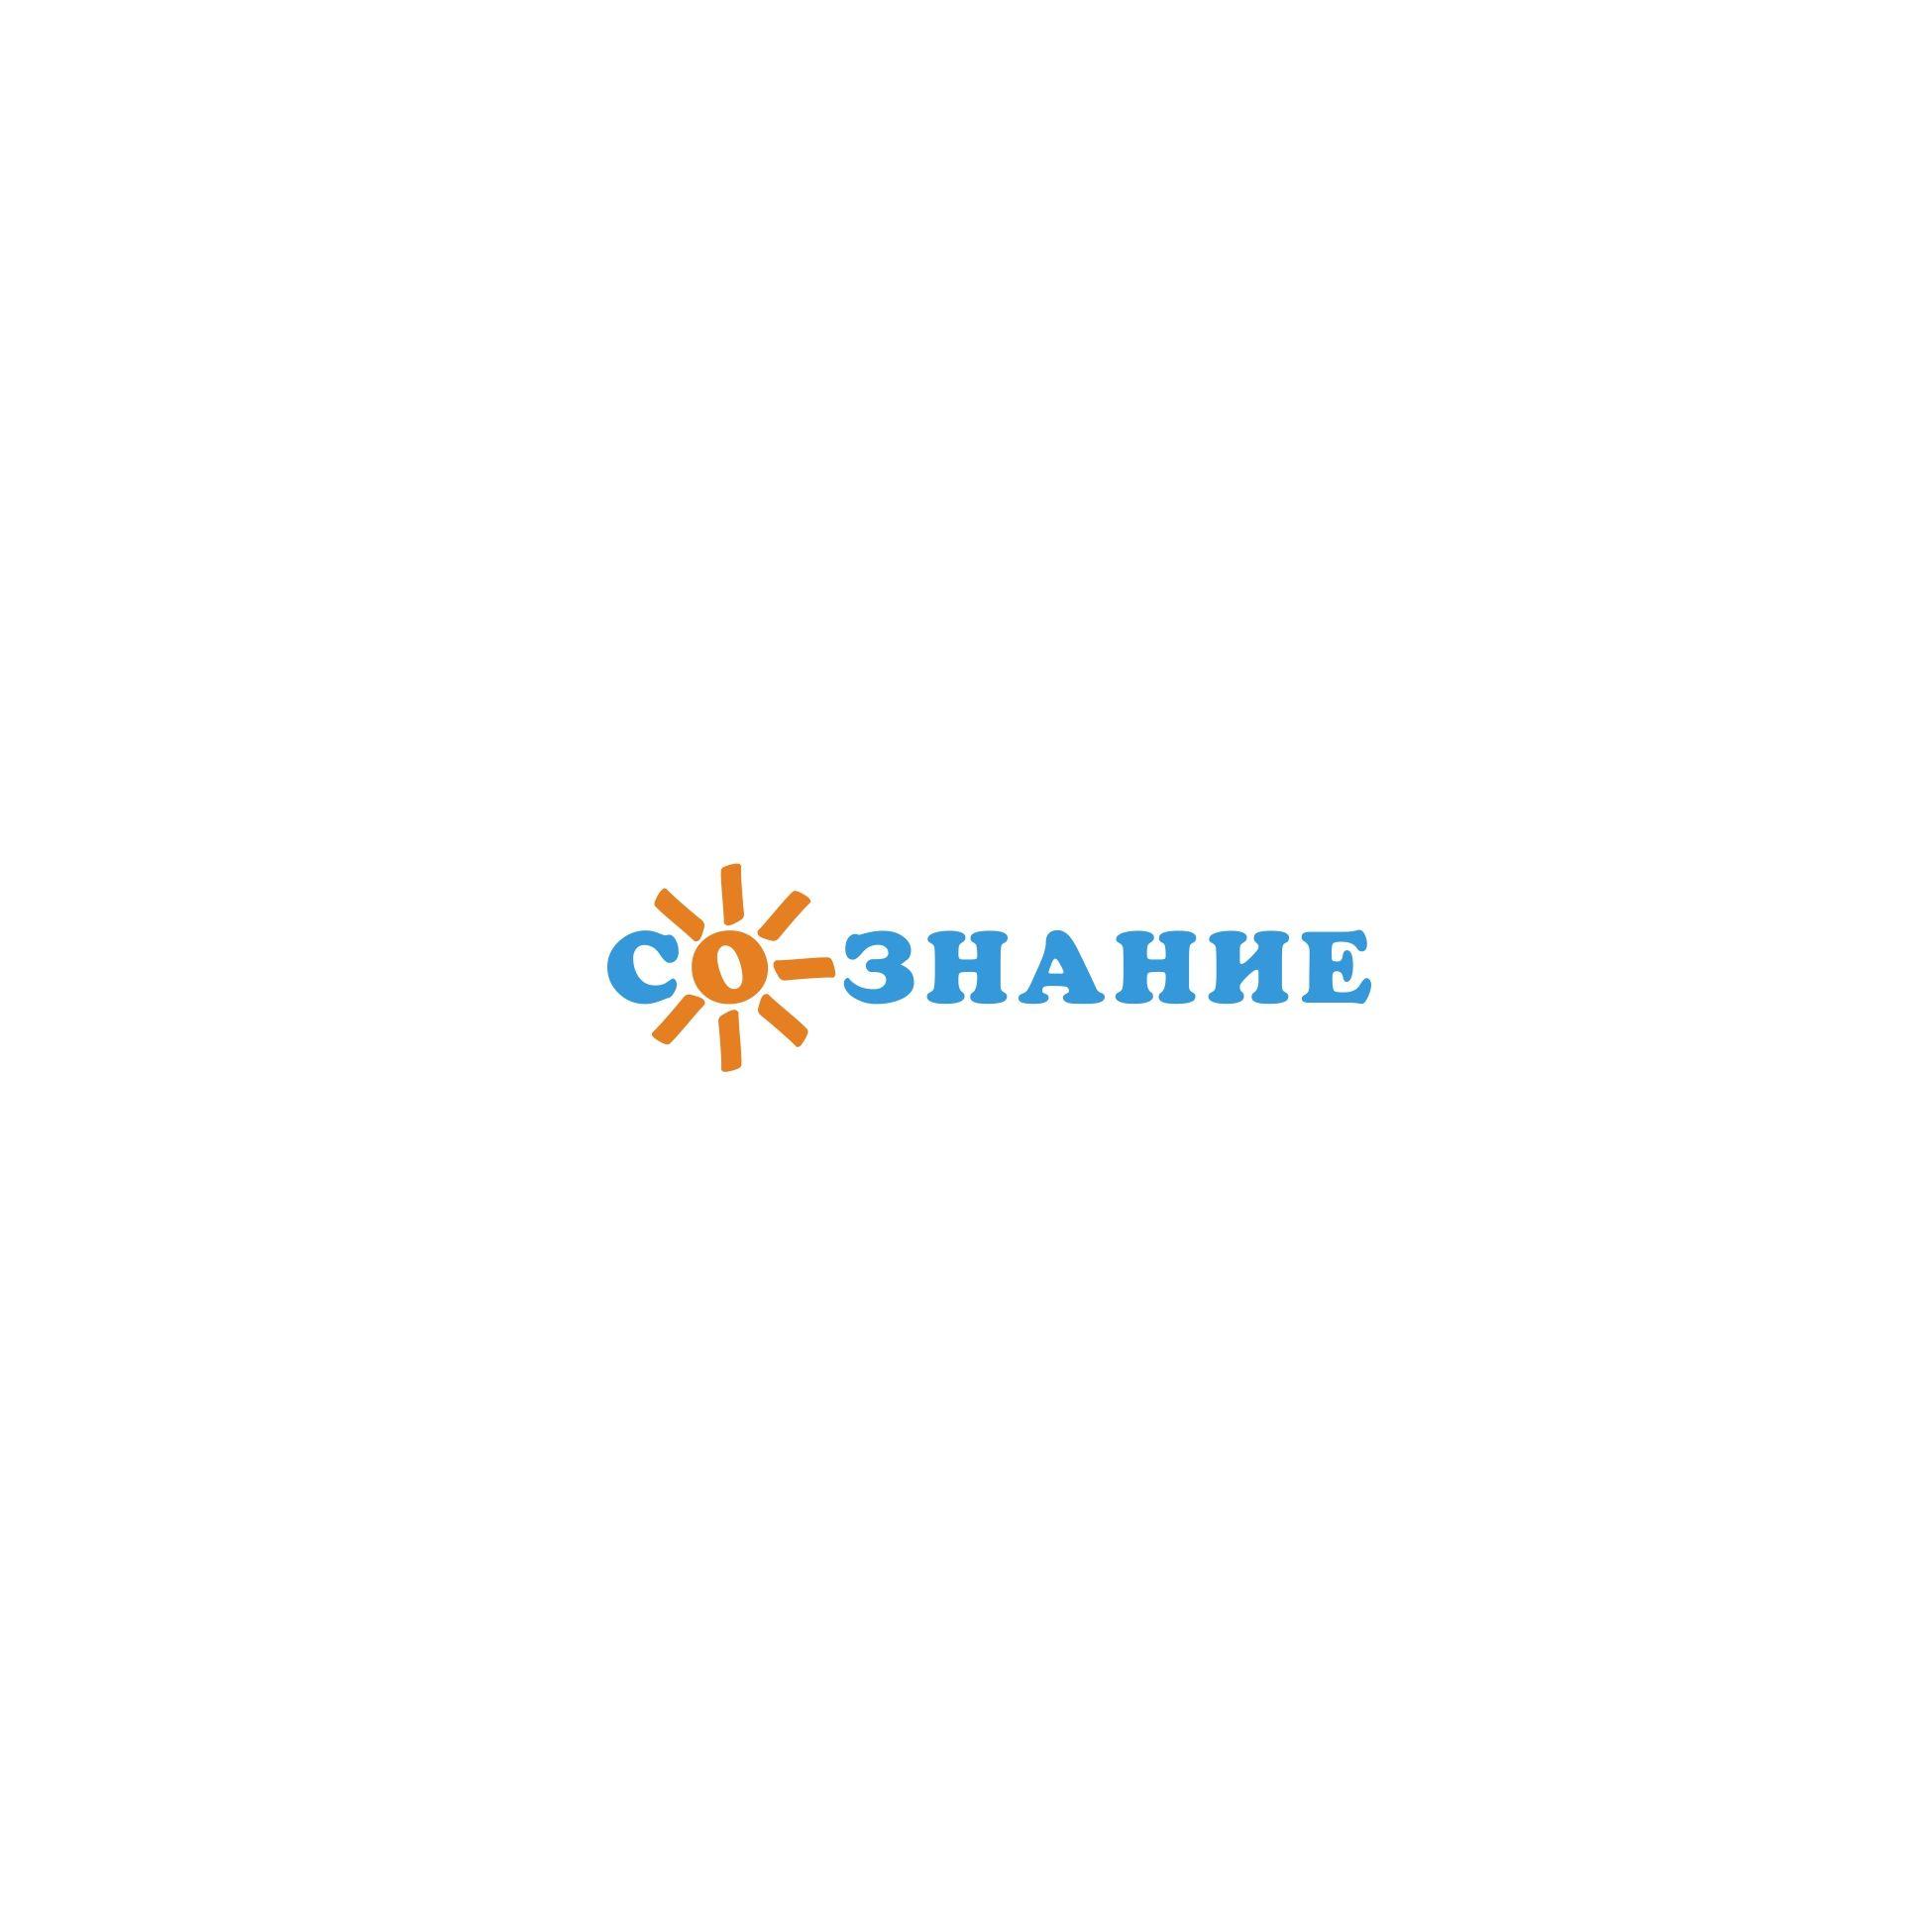 Логотип для СО-ЗНАНИЕ - дизайнер trojni